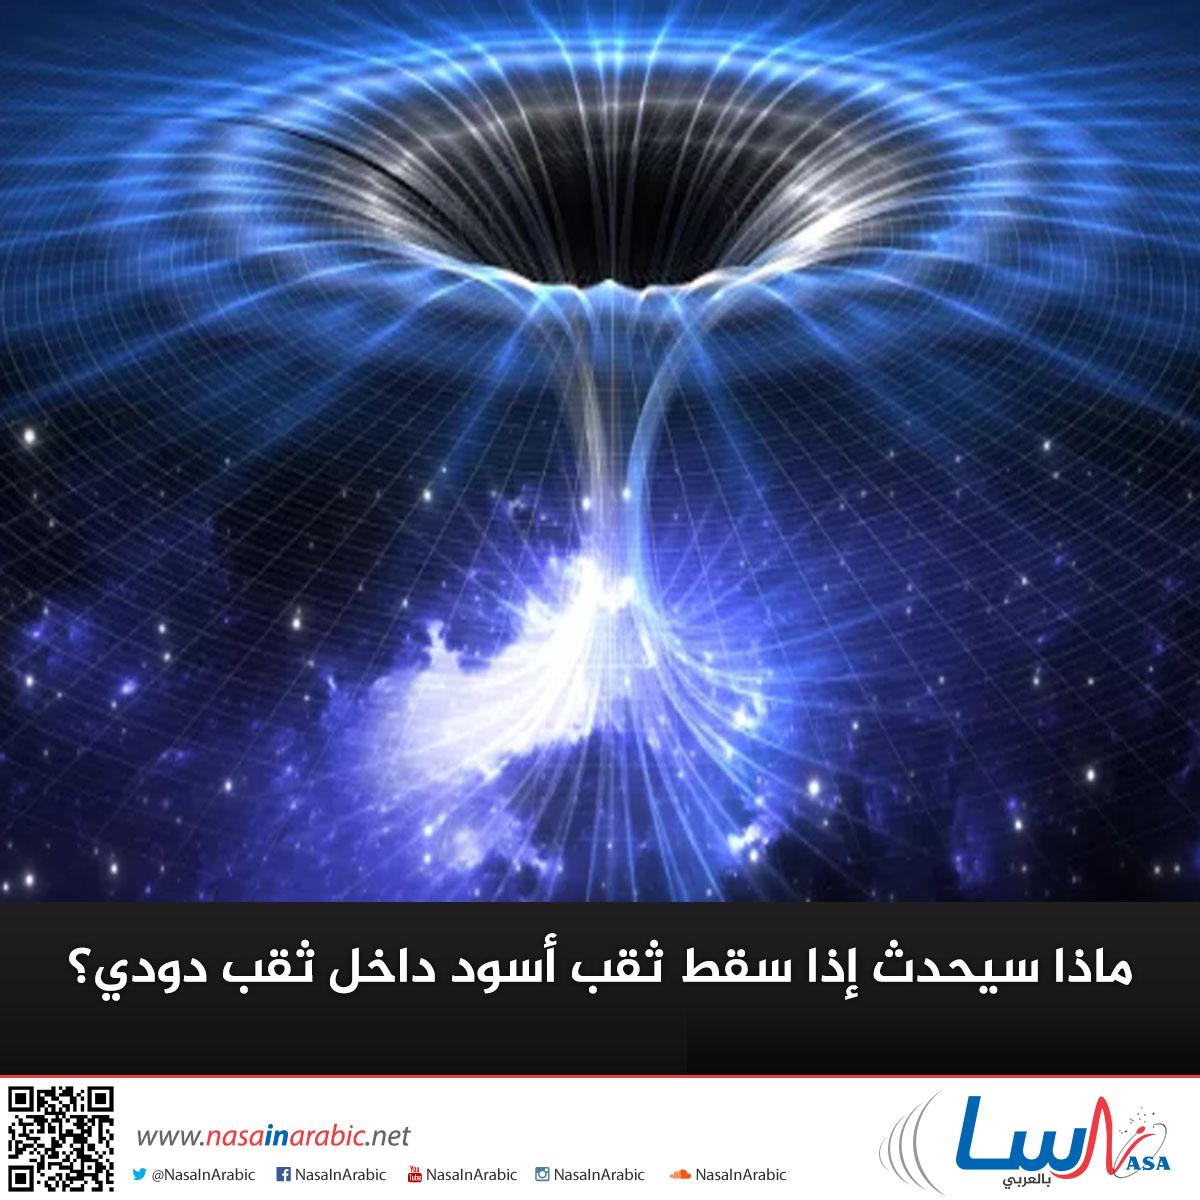 ماذا سيحدث إذا سقط ثقب أسود داخل ثقب دودي؟